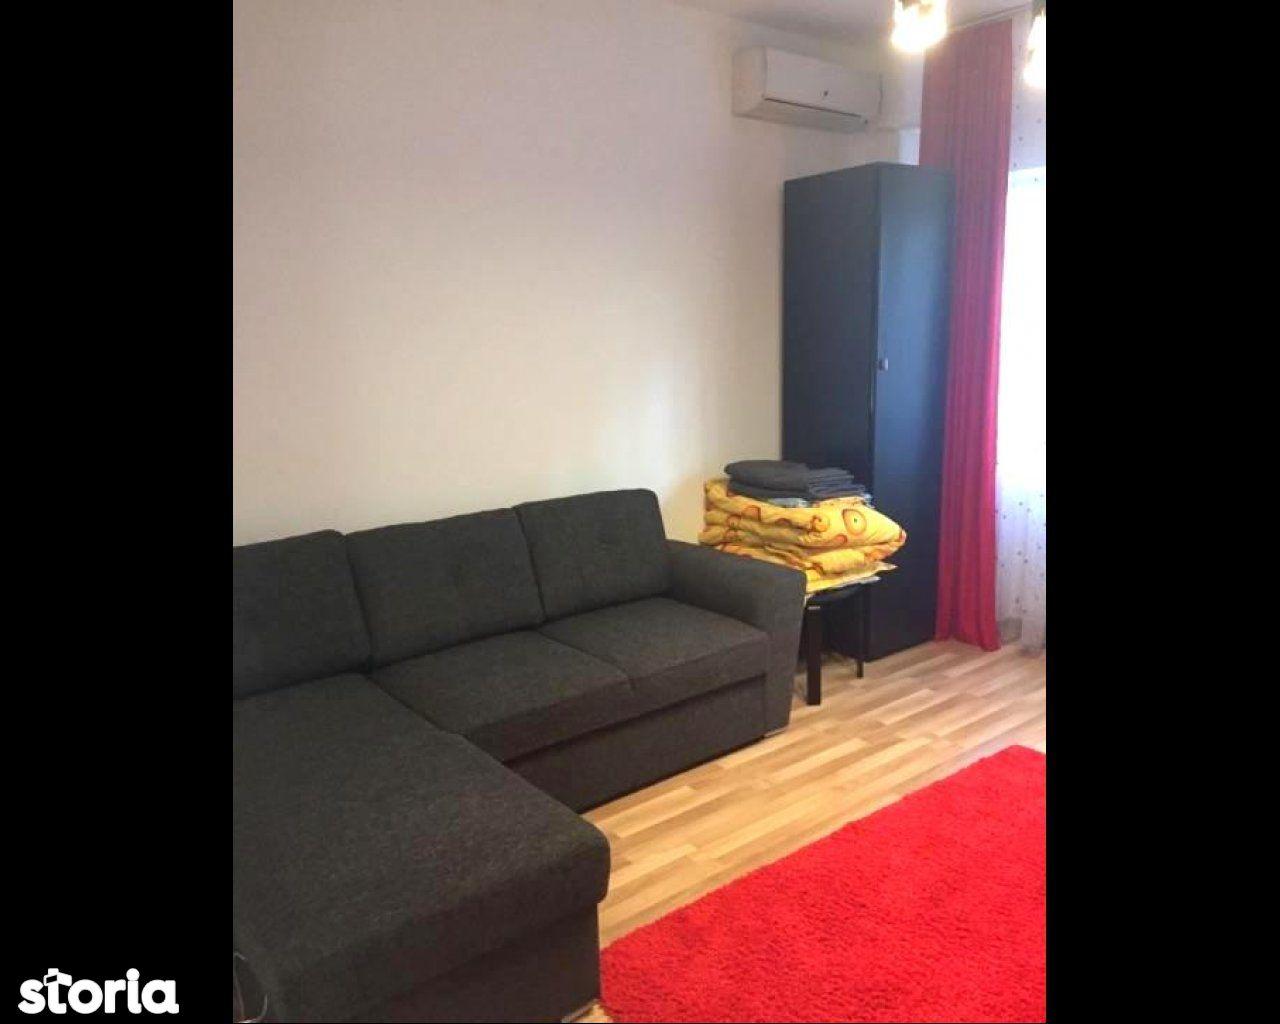 Apartament de vanzare, București (judet), Bulevardul Mareșal Alex. Averescu - Foto 2